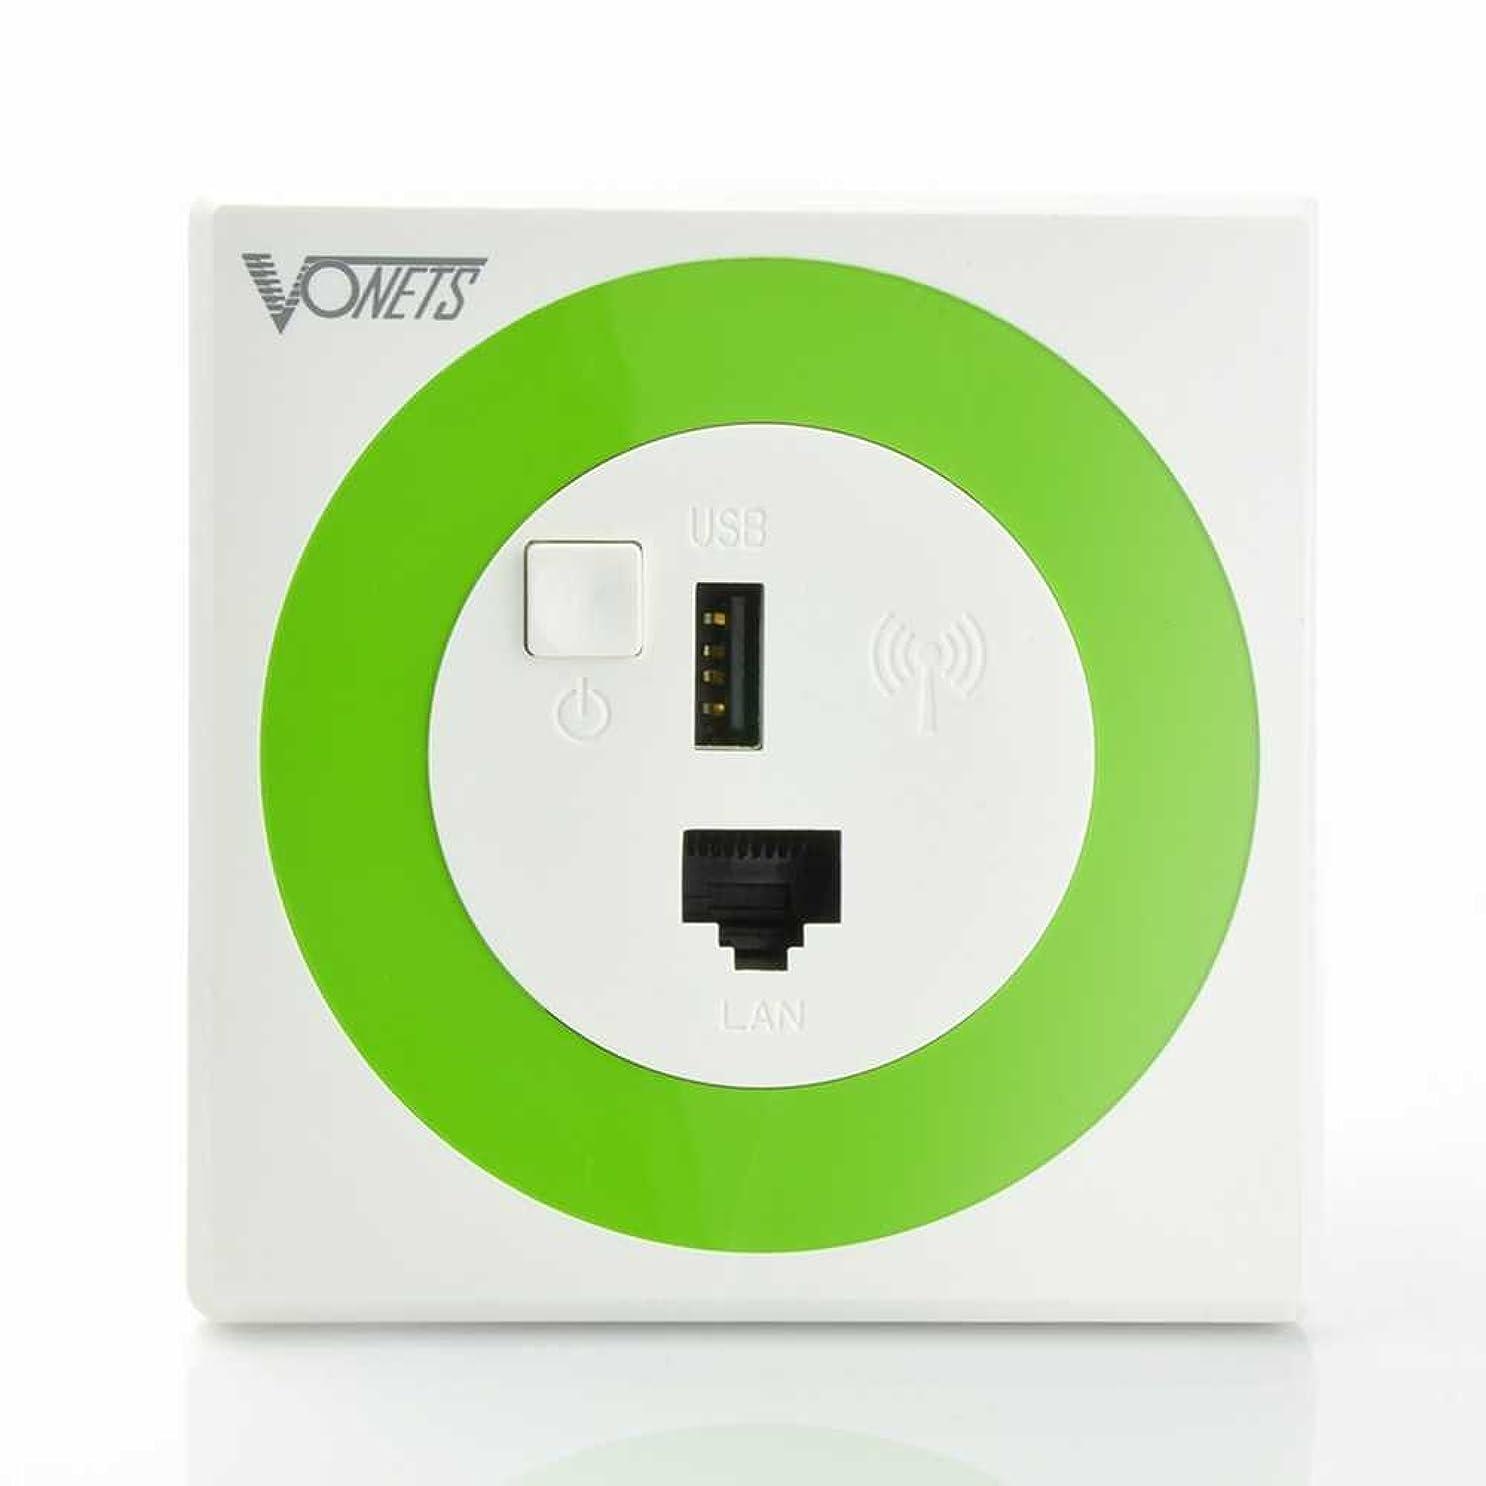 徴収正しくほうきYOUKUKE 無線LANルーター/USB充電器付きワイヤレスAPルーター屋内壁埋め込み無線LANリピーターインターネットルーター